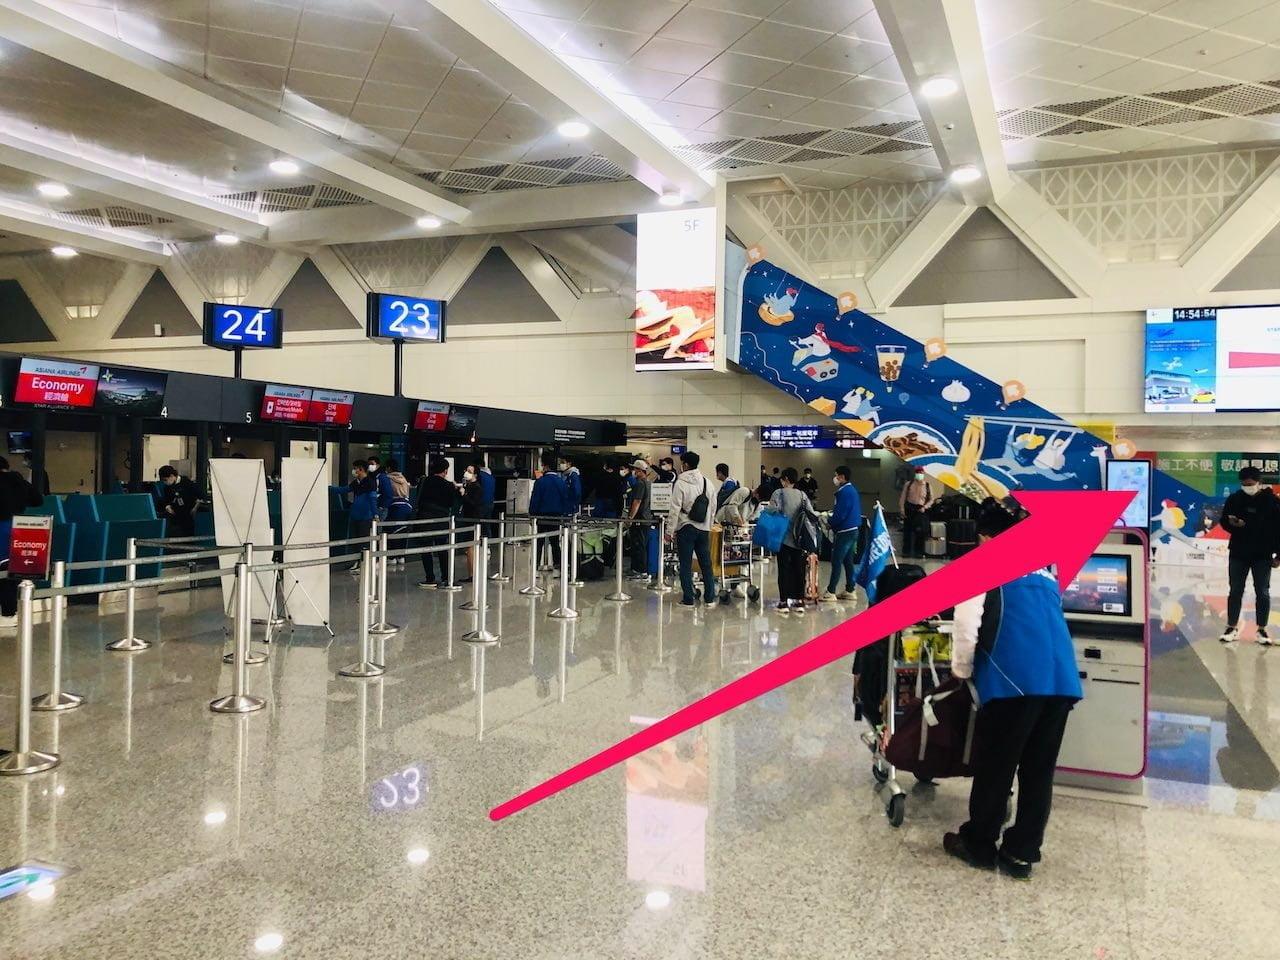 桃園空港のターミナル移動モノレール